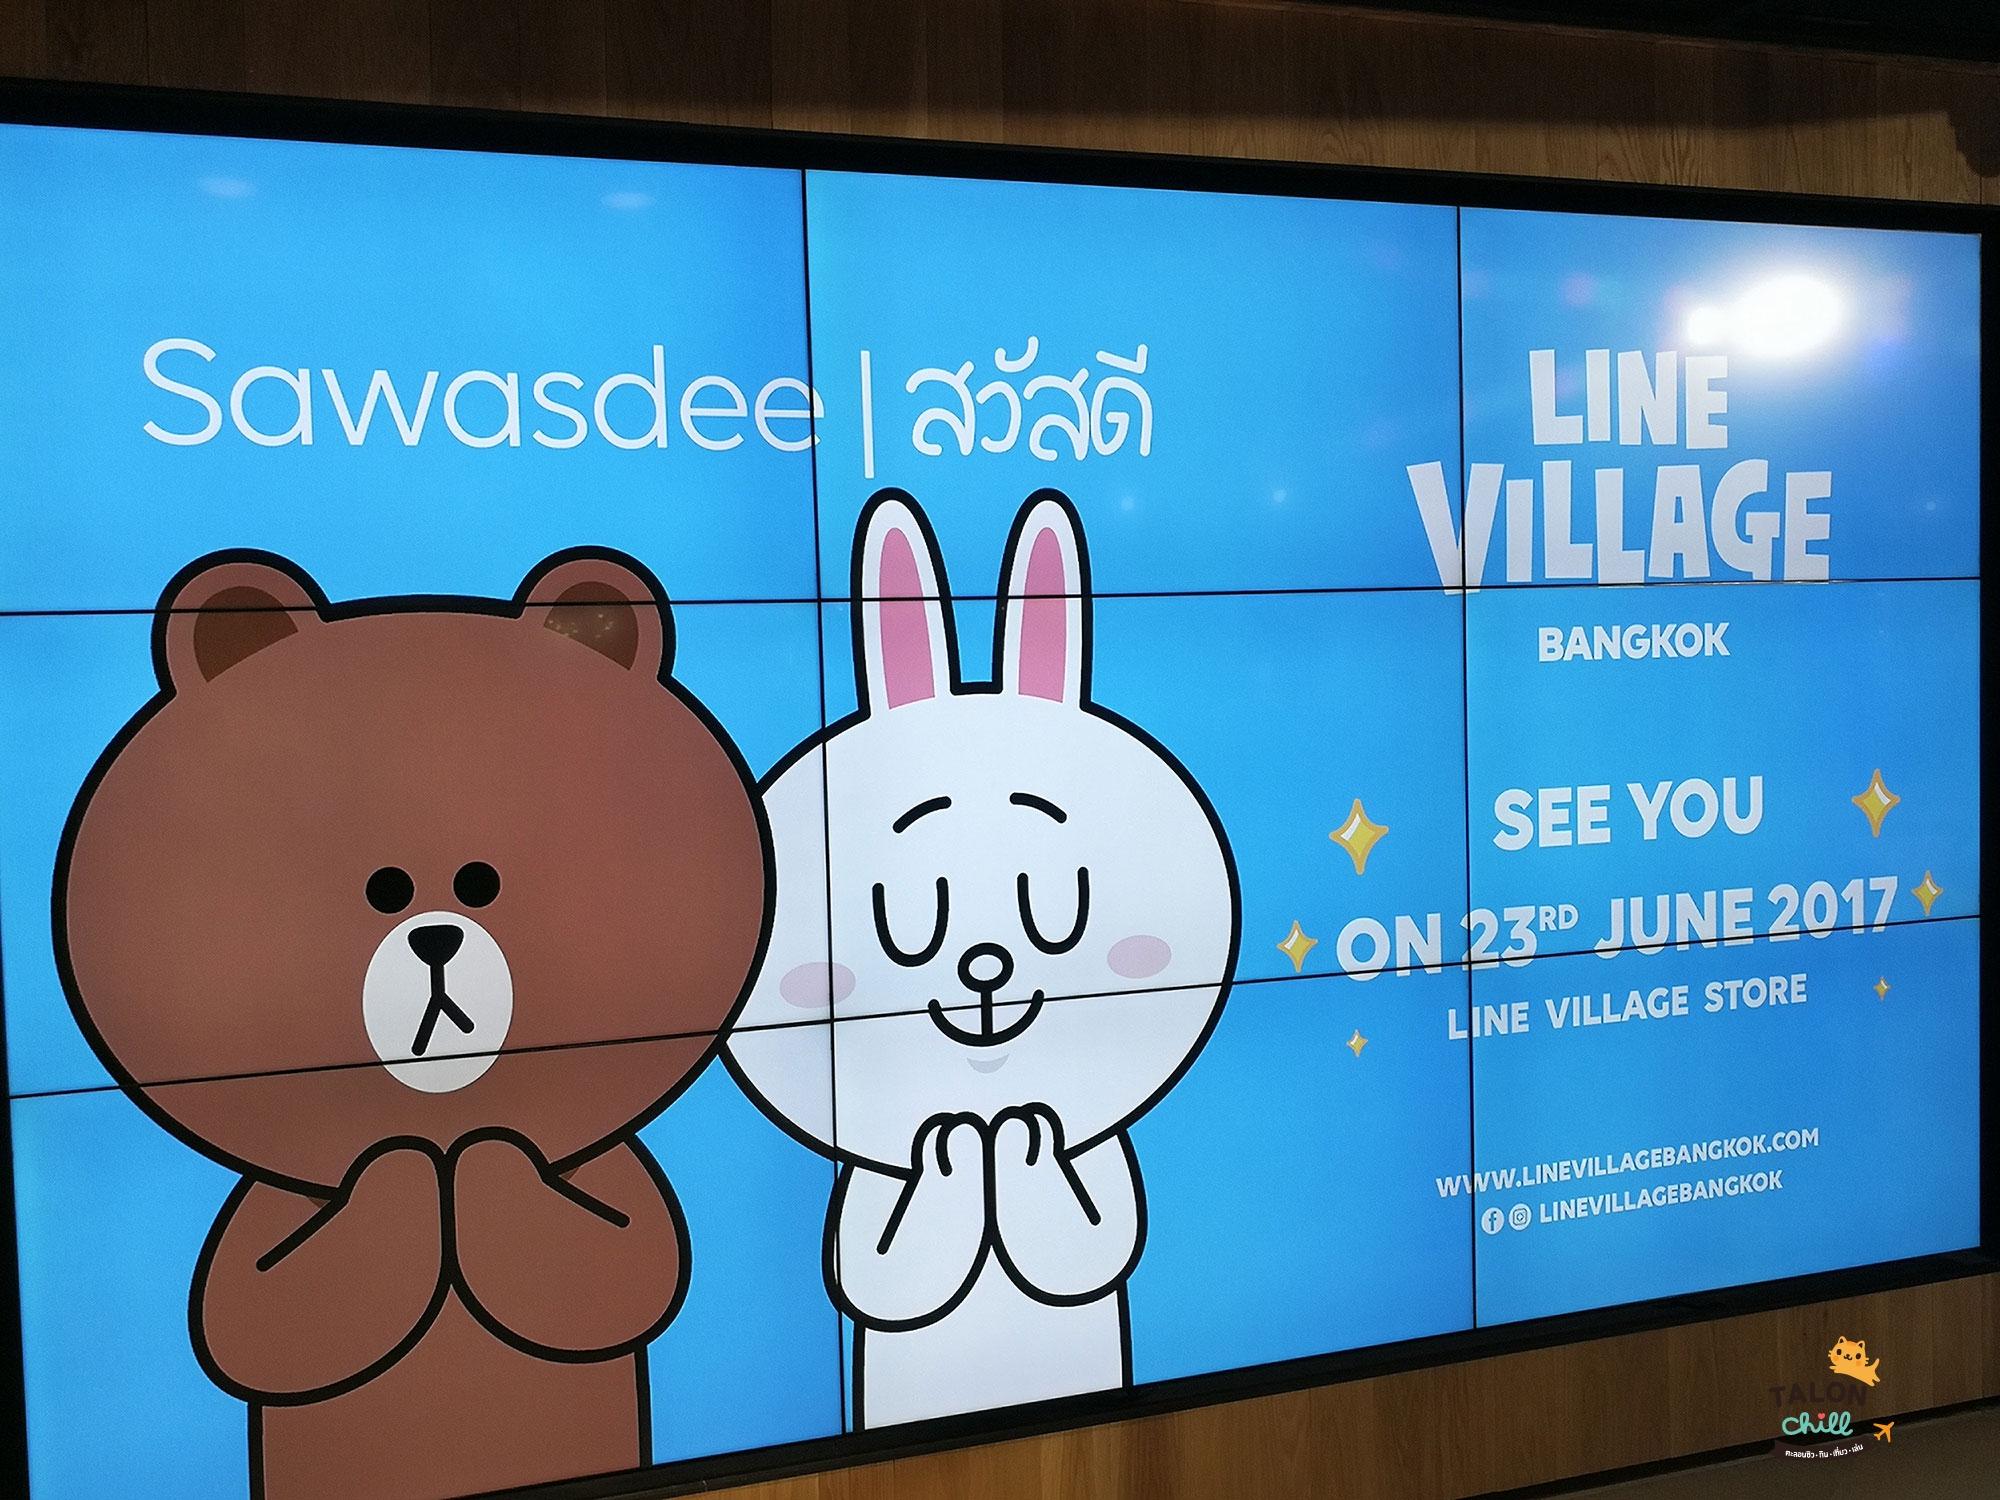 พาเที่ยว LINE VILLAGE BANGKOK ร้านสินค้าลิขสิทธิ์ของ LINE FRIENDS CHARACTER [รูปเยอะ]